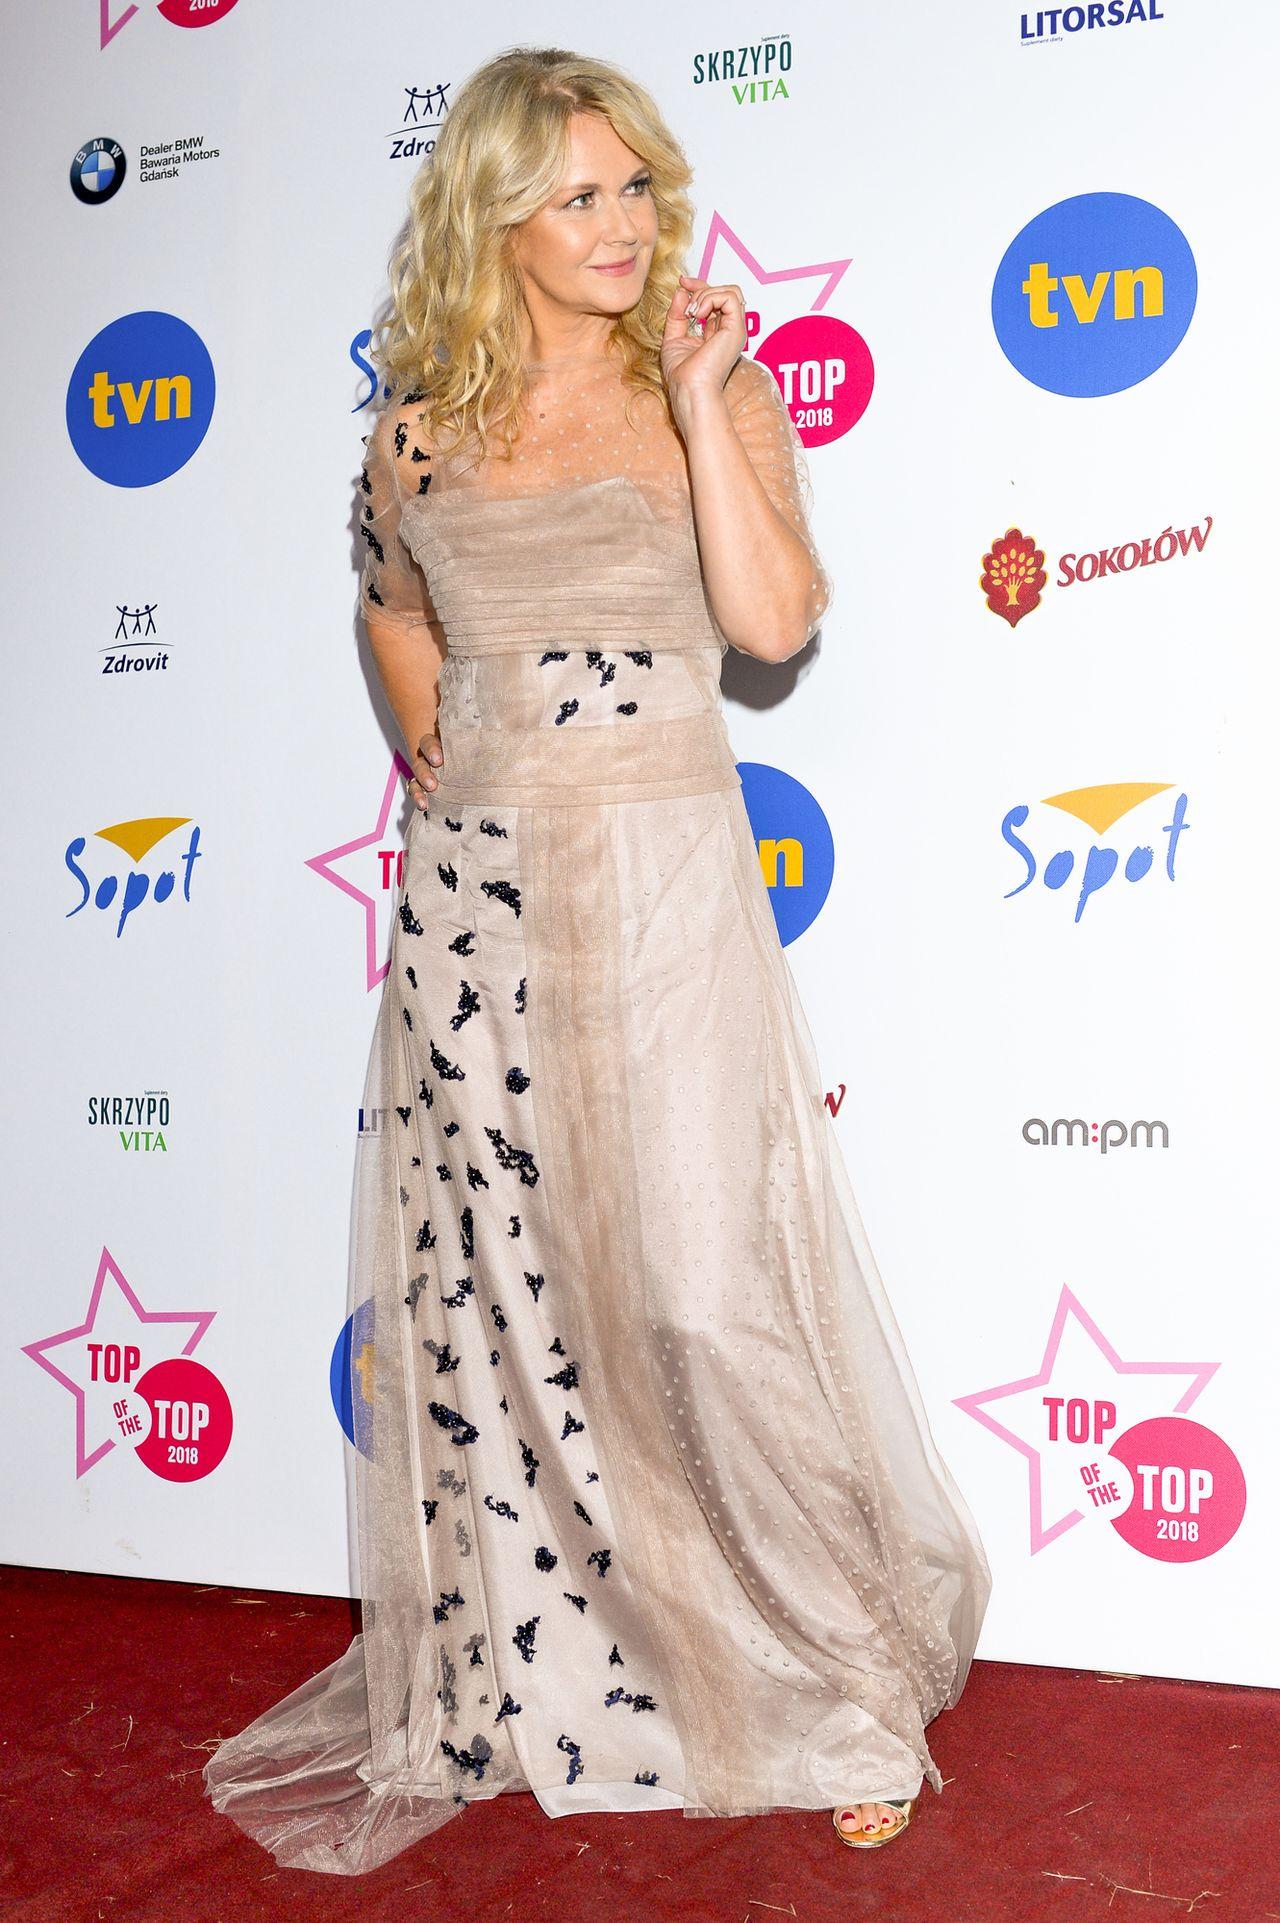 Grażyna Torbicka BARDZIEJ SEKSOWNA od Natalii Siwiec - koniec ery Miss Euro?